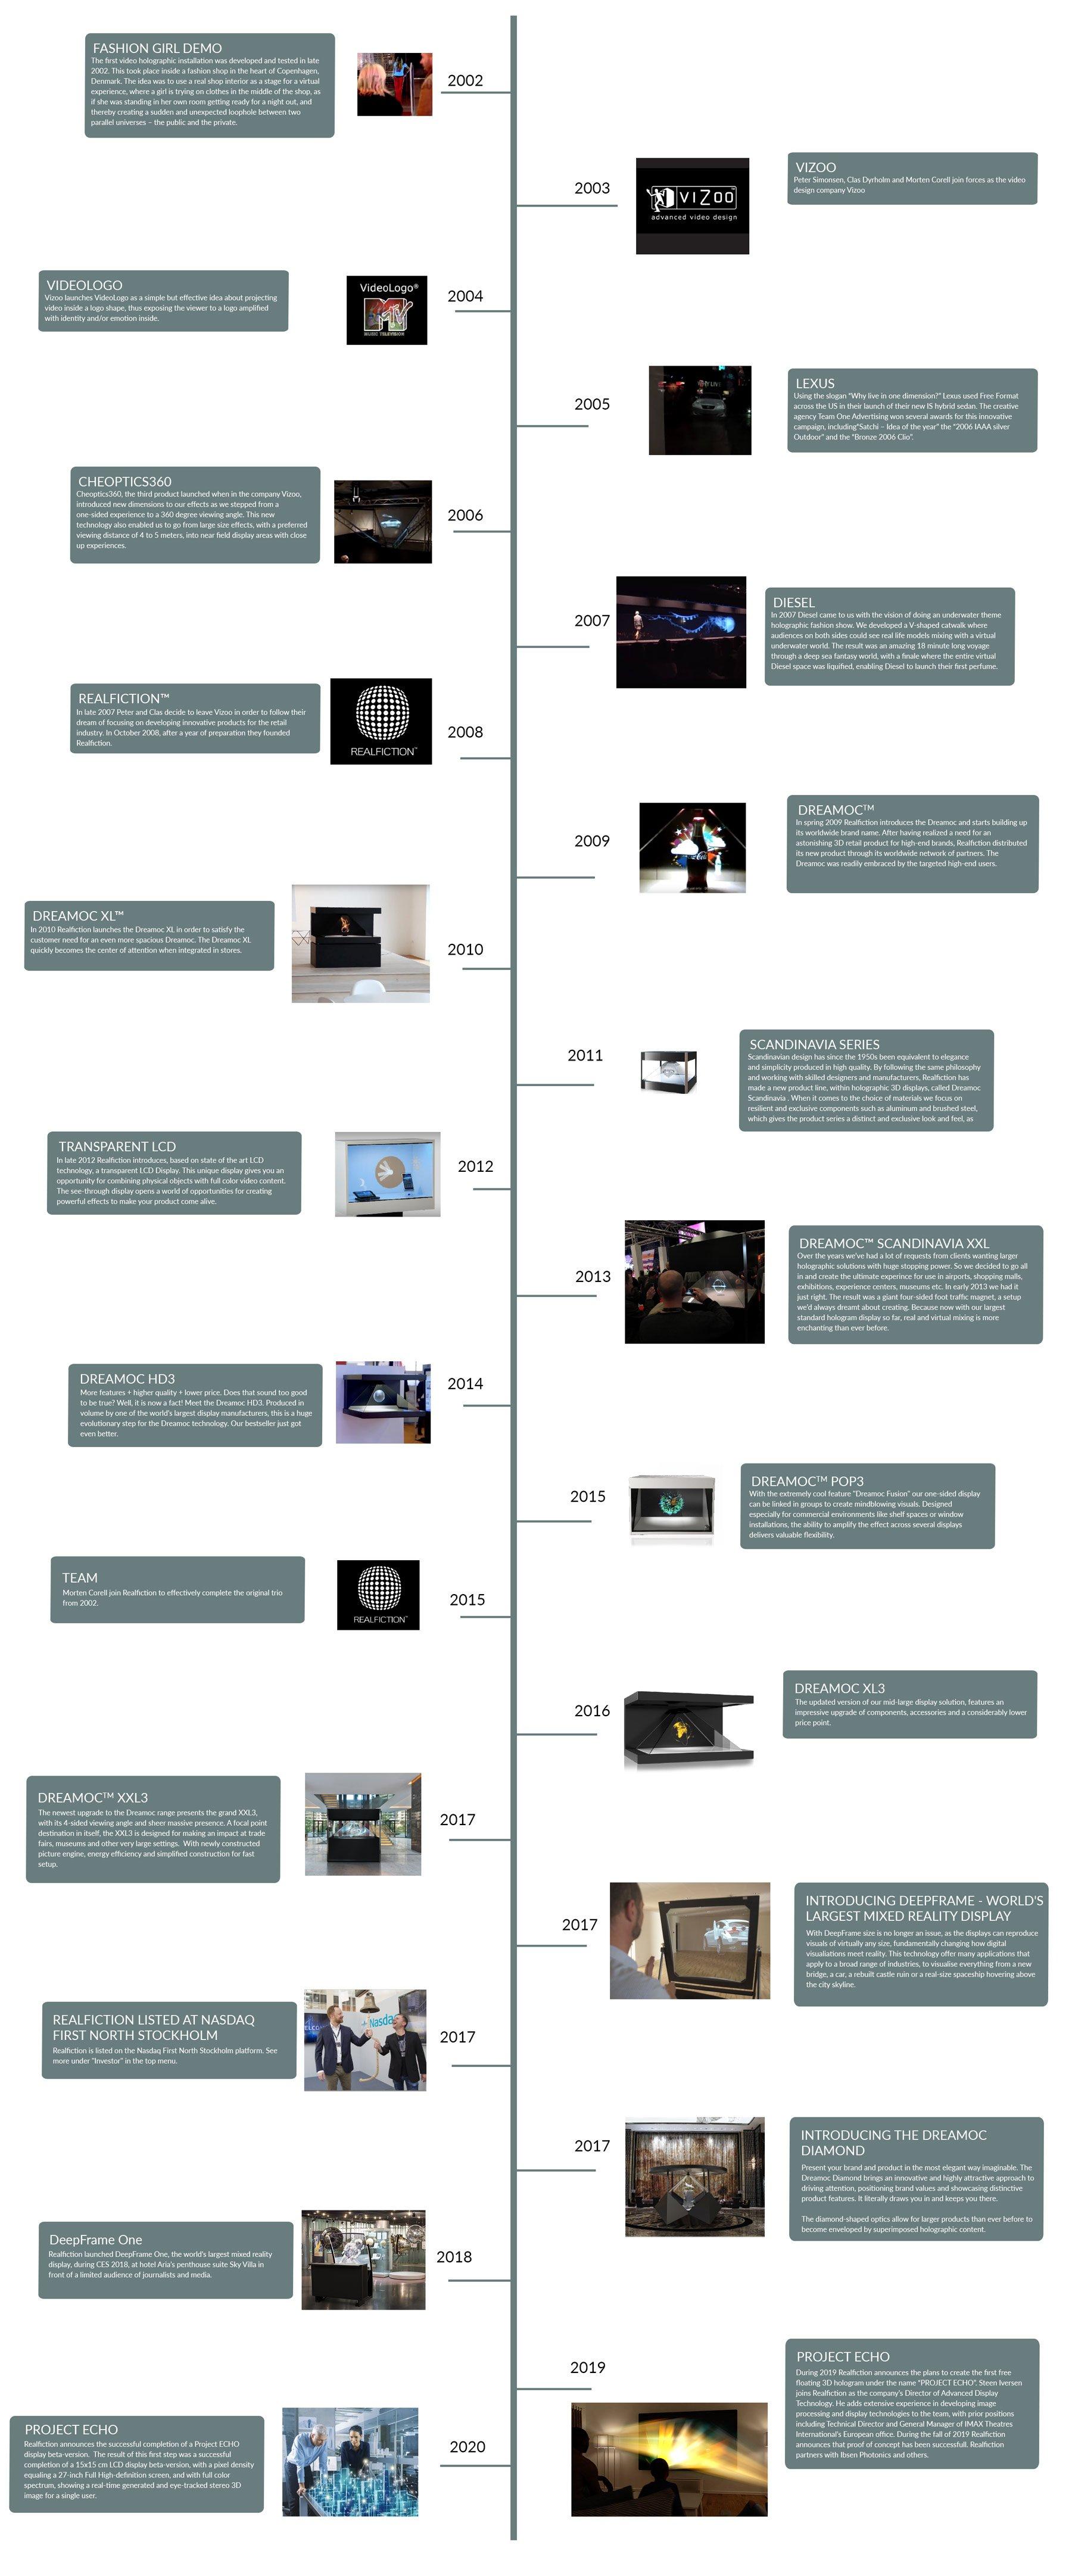 Realfiction-history